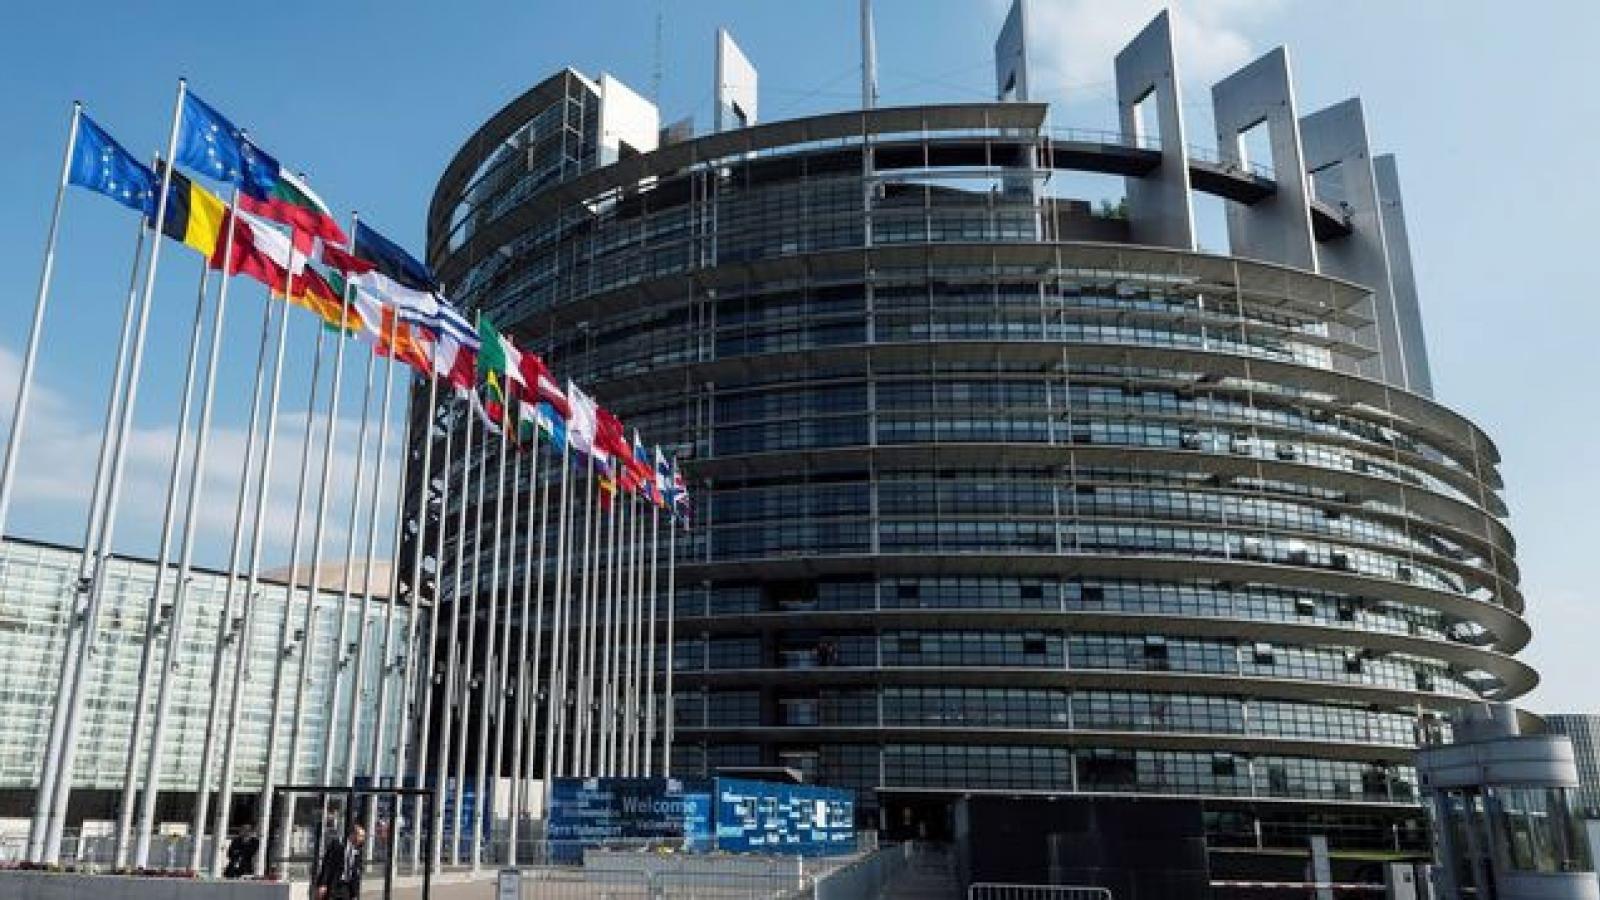 """Châu Âu tung chiến lược """"Một châu Âu kết nối toàn cầu"""", đối trọng với BRI của Trung Quốc"""